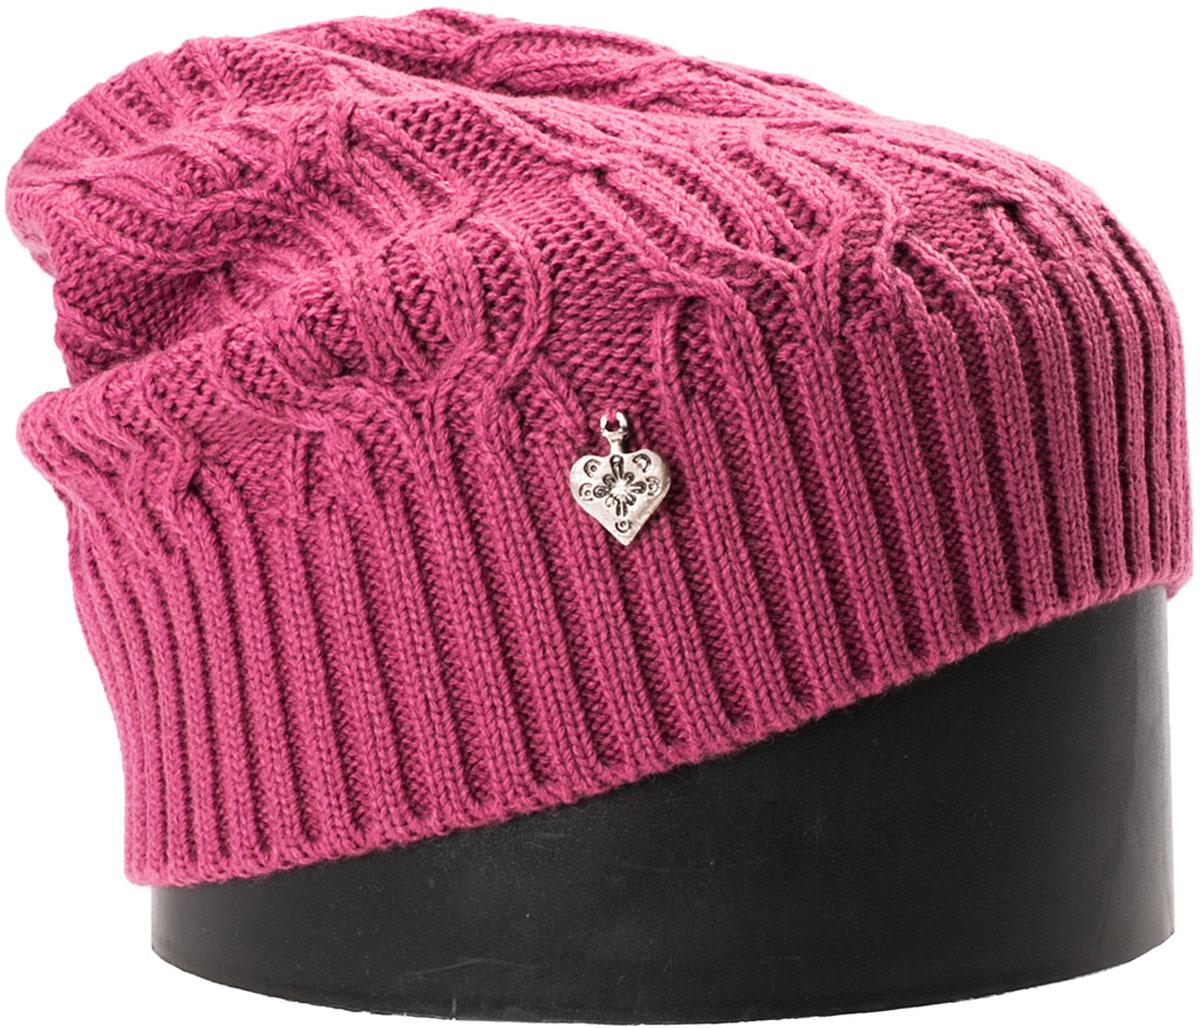 Шапка женская Vittorio Richi, цвет: брусничный. NSH900115. Размер 56/58NSH900115Стильная женская шапка Vittorio Richi отлично дополнит ваш образ в холодную погоду. Модель, изготовленная из шерсти с добавлением акрила, максимально сохраняет тепло и обеспечивает удобную посадку. Шапка дополнена ажурной вязкой и сбоку декоративным элементом. Привлекательная стильная шапка подчеркнет ваш неповторимый стиль и индивидуальность.